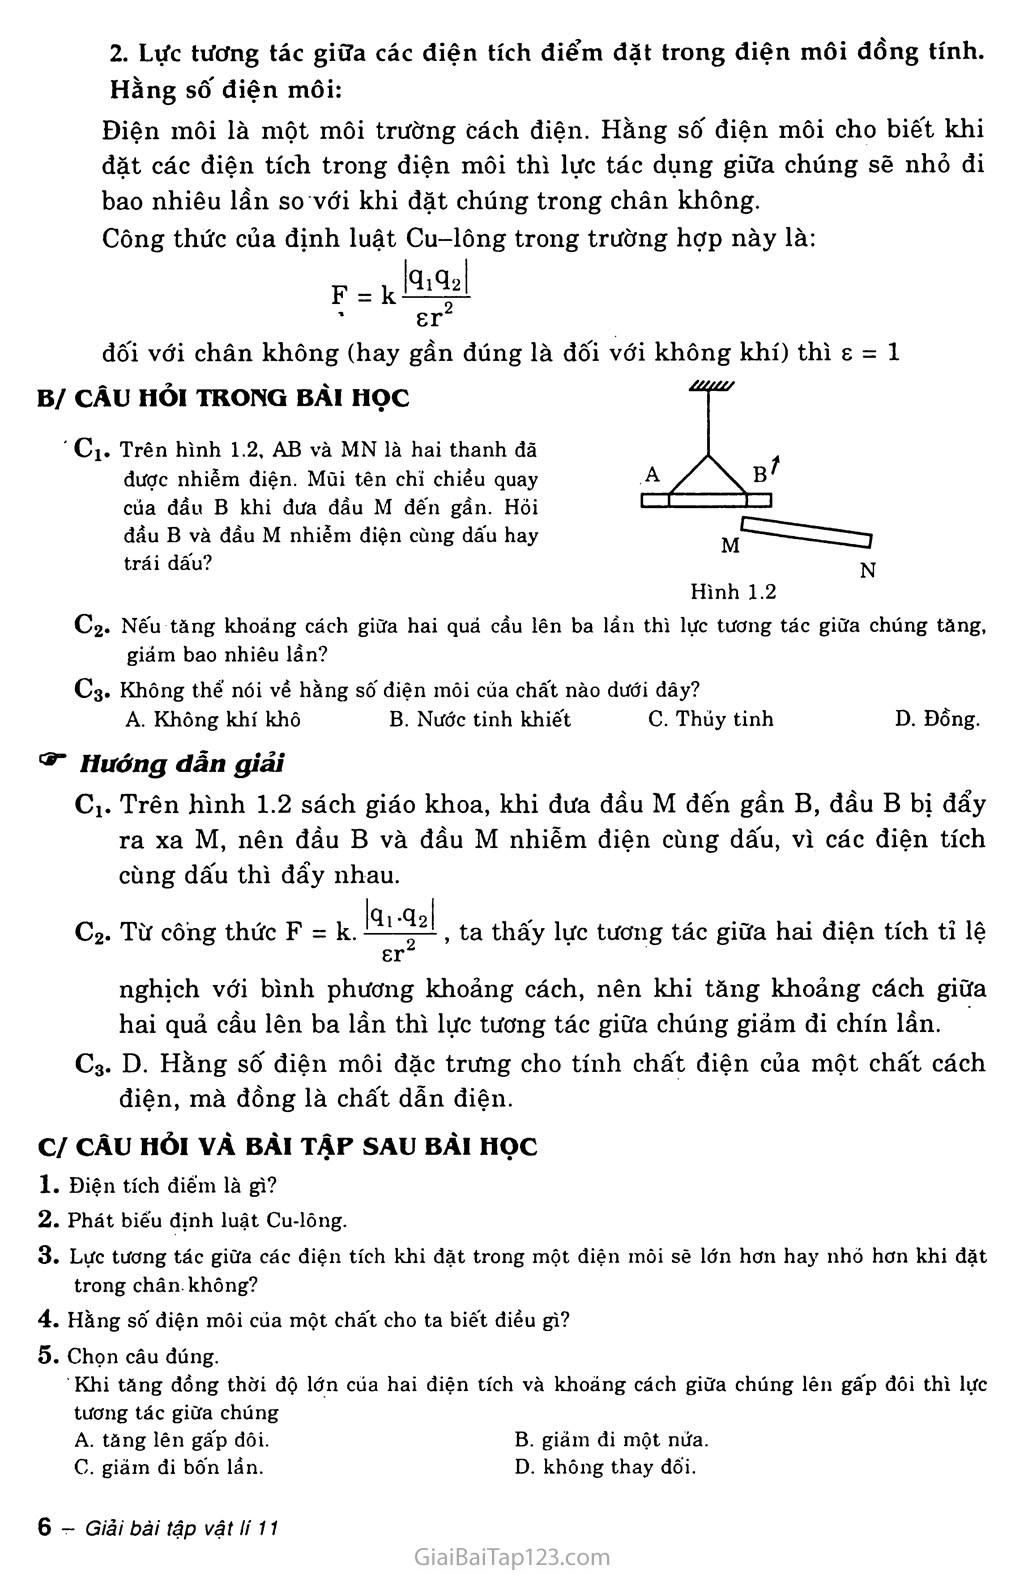 Bài 1: Điện tích. Định luật Cu-lông trang 2